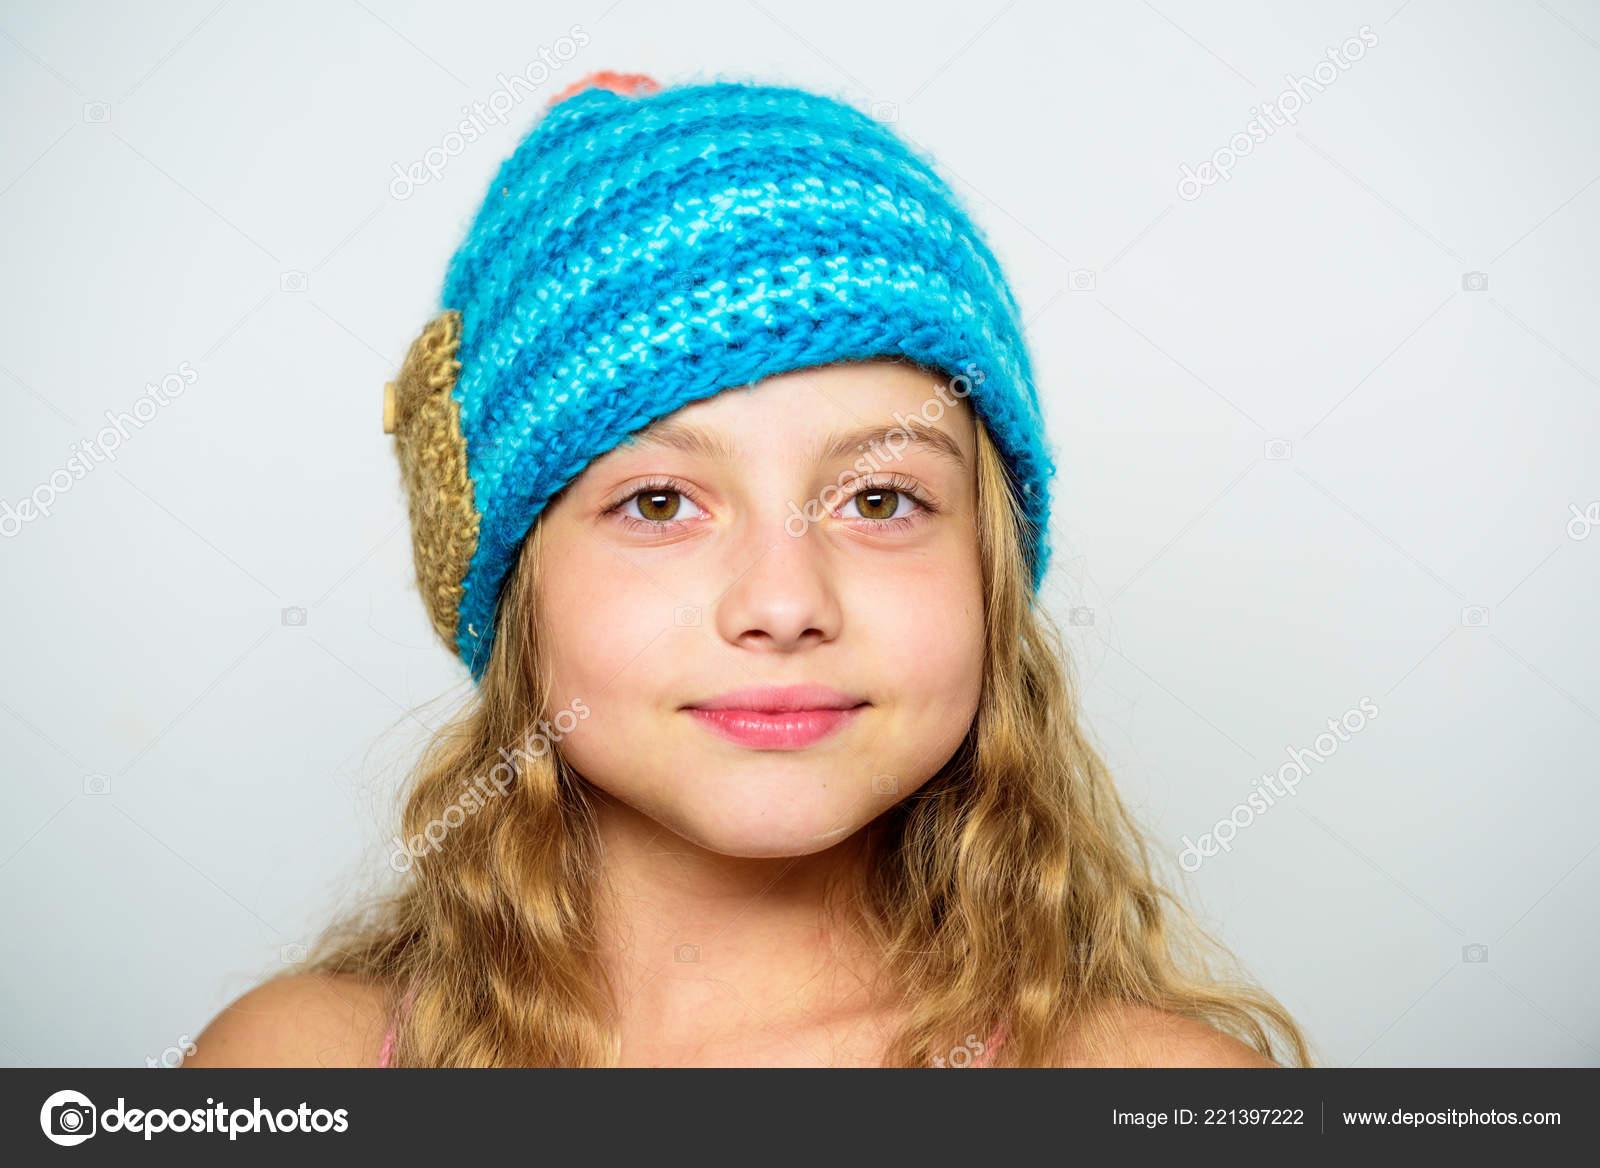 Differenza tra maglia e uncinetto. Gratis modelli di maglieria. Accessorio  di stagione autunno inverno. Cappelli lavorati a maglia per bambini. 62cf631d52f7